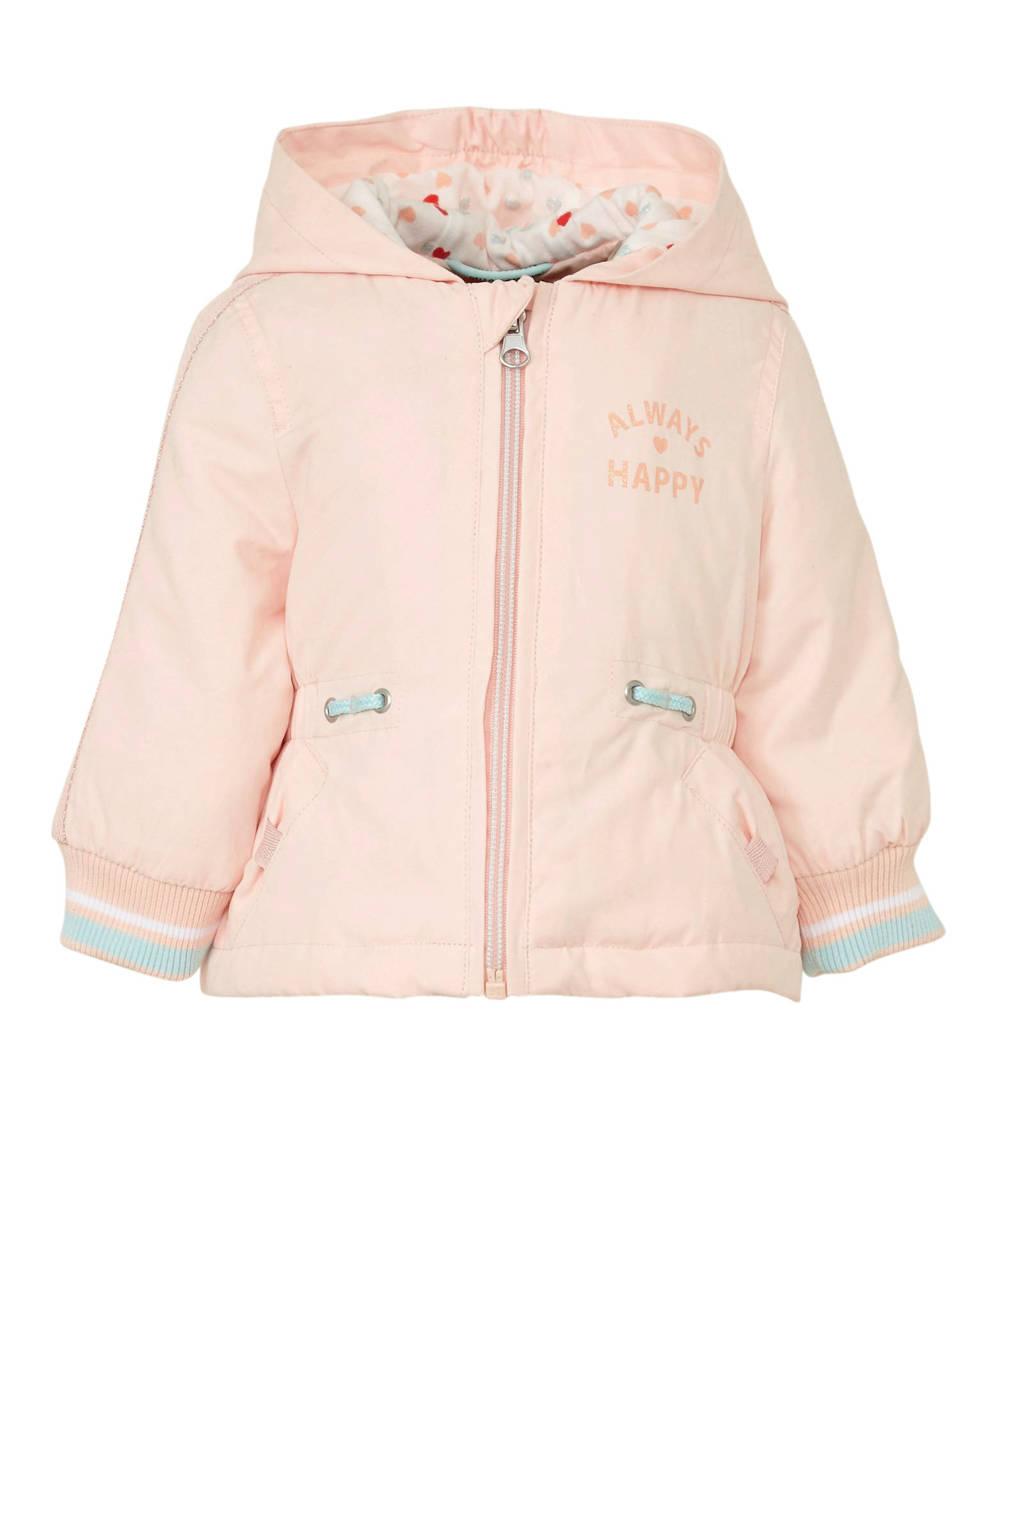 C&A Baby Club tussenjas met tekst roze/mintgroen/wit, Roze/mintgroen/wit